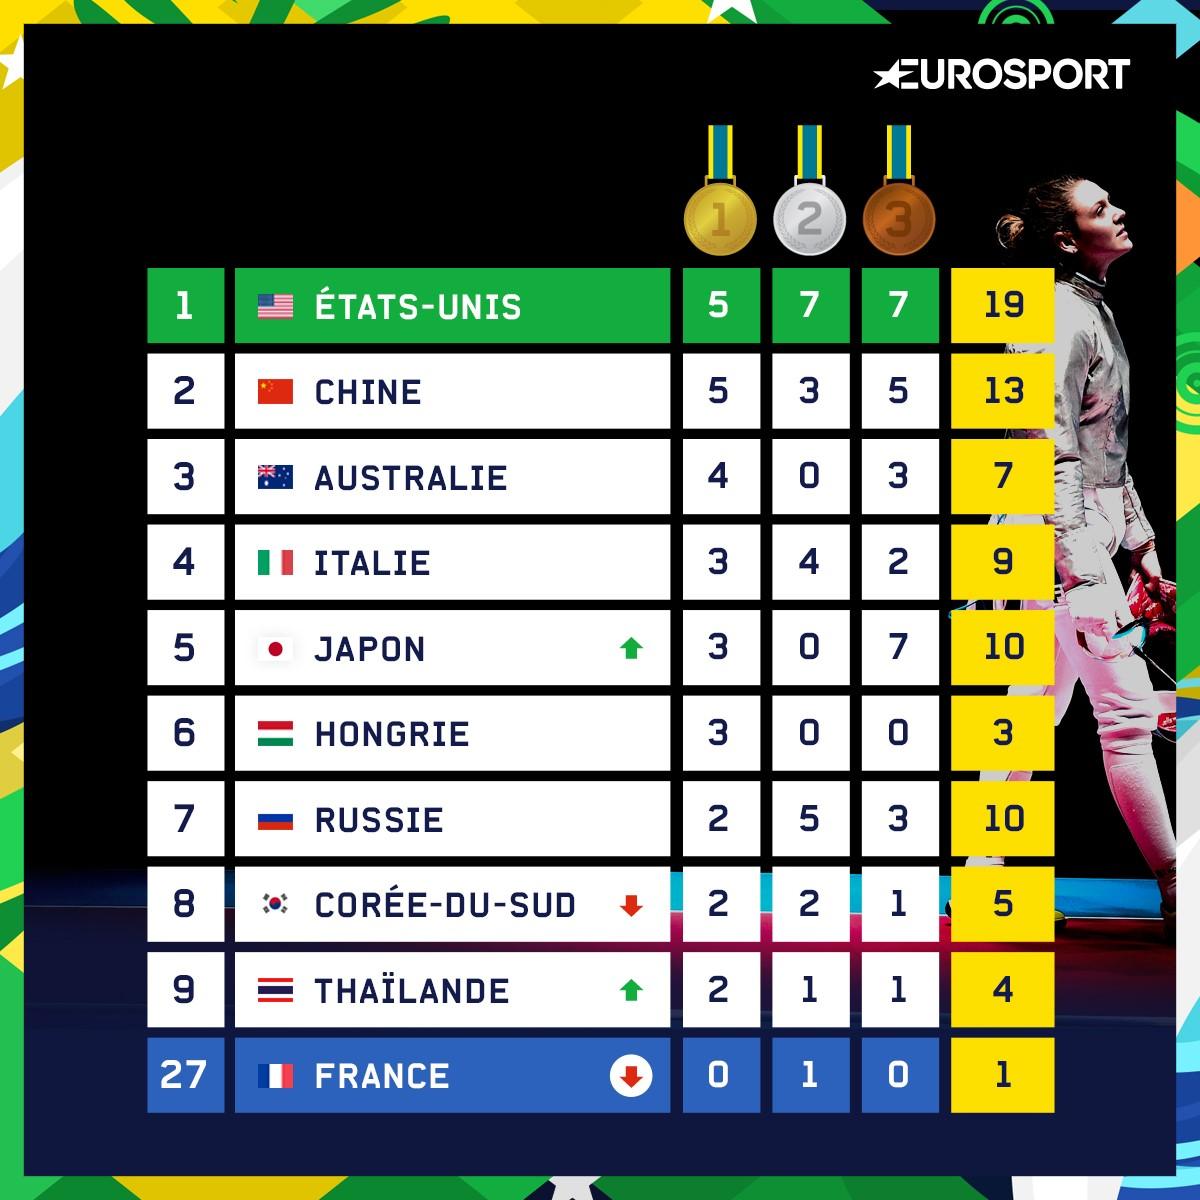 http://i.eurosport.com/2016/08/09/1907536.jpg